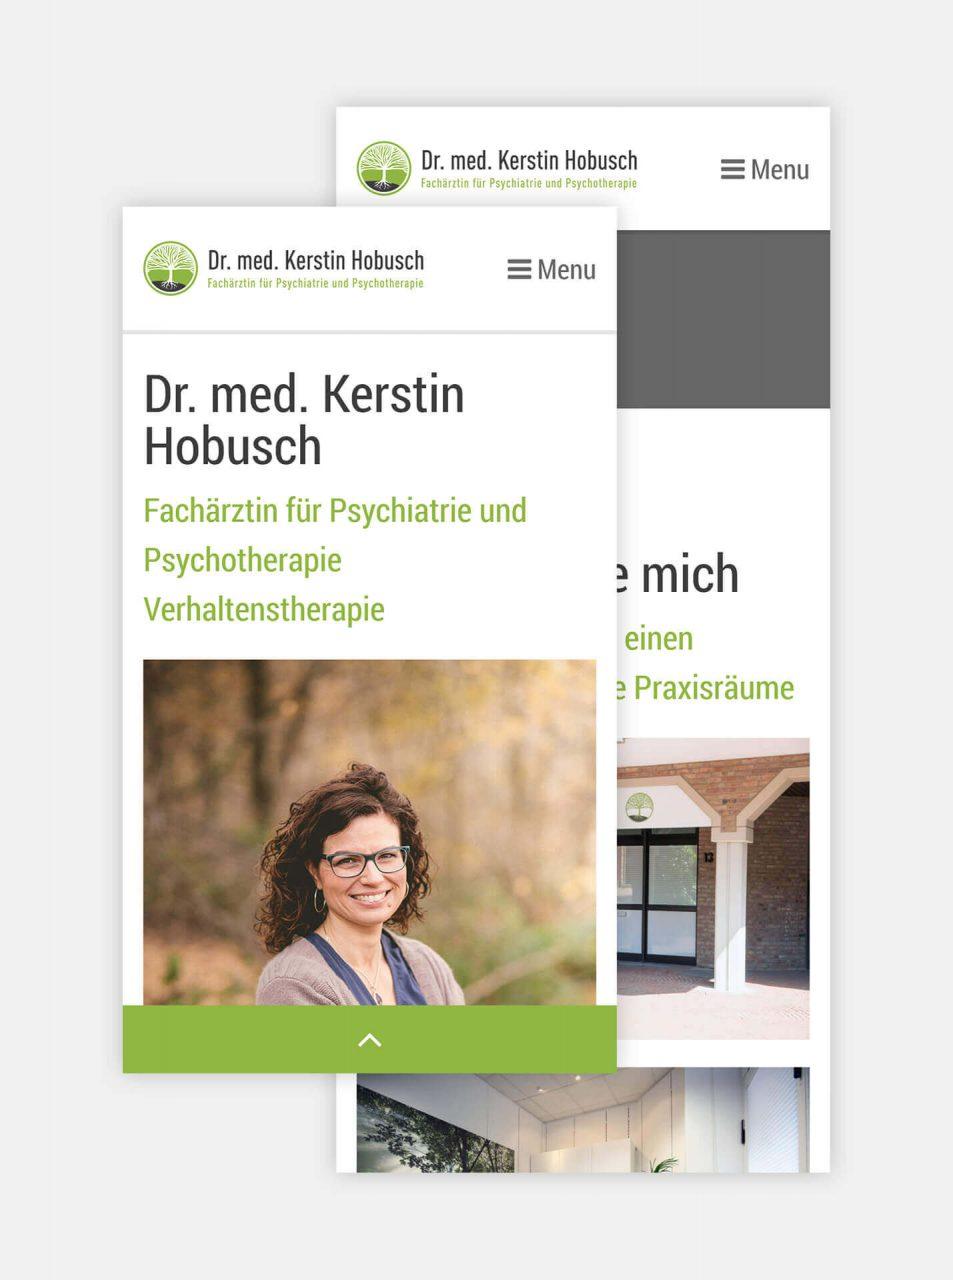 Pixelschmied Projekt Kerstin Hobusch